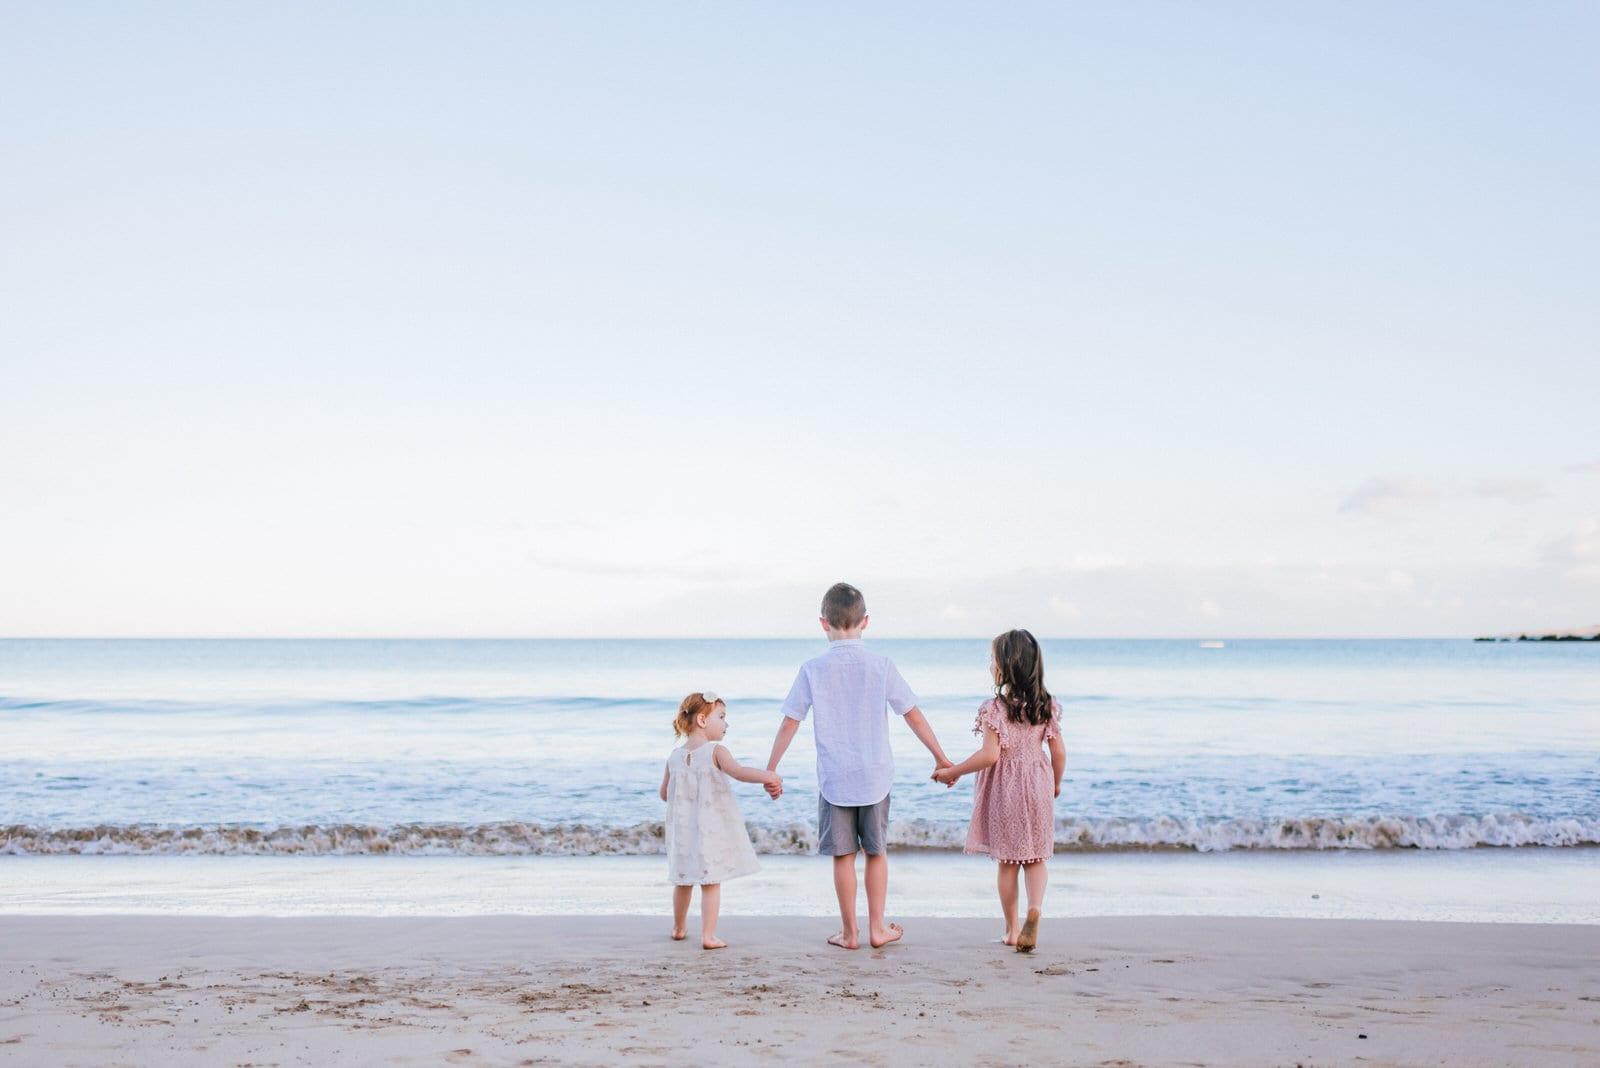 beach-family-photos-sunrise-hawaii-photographers-17.jpg